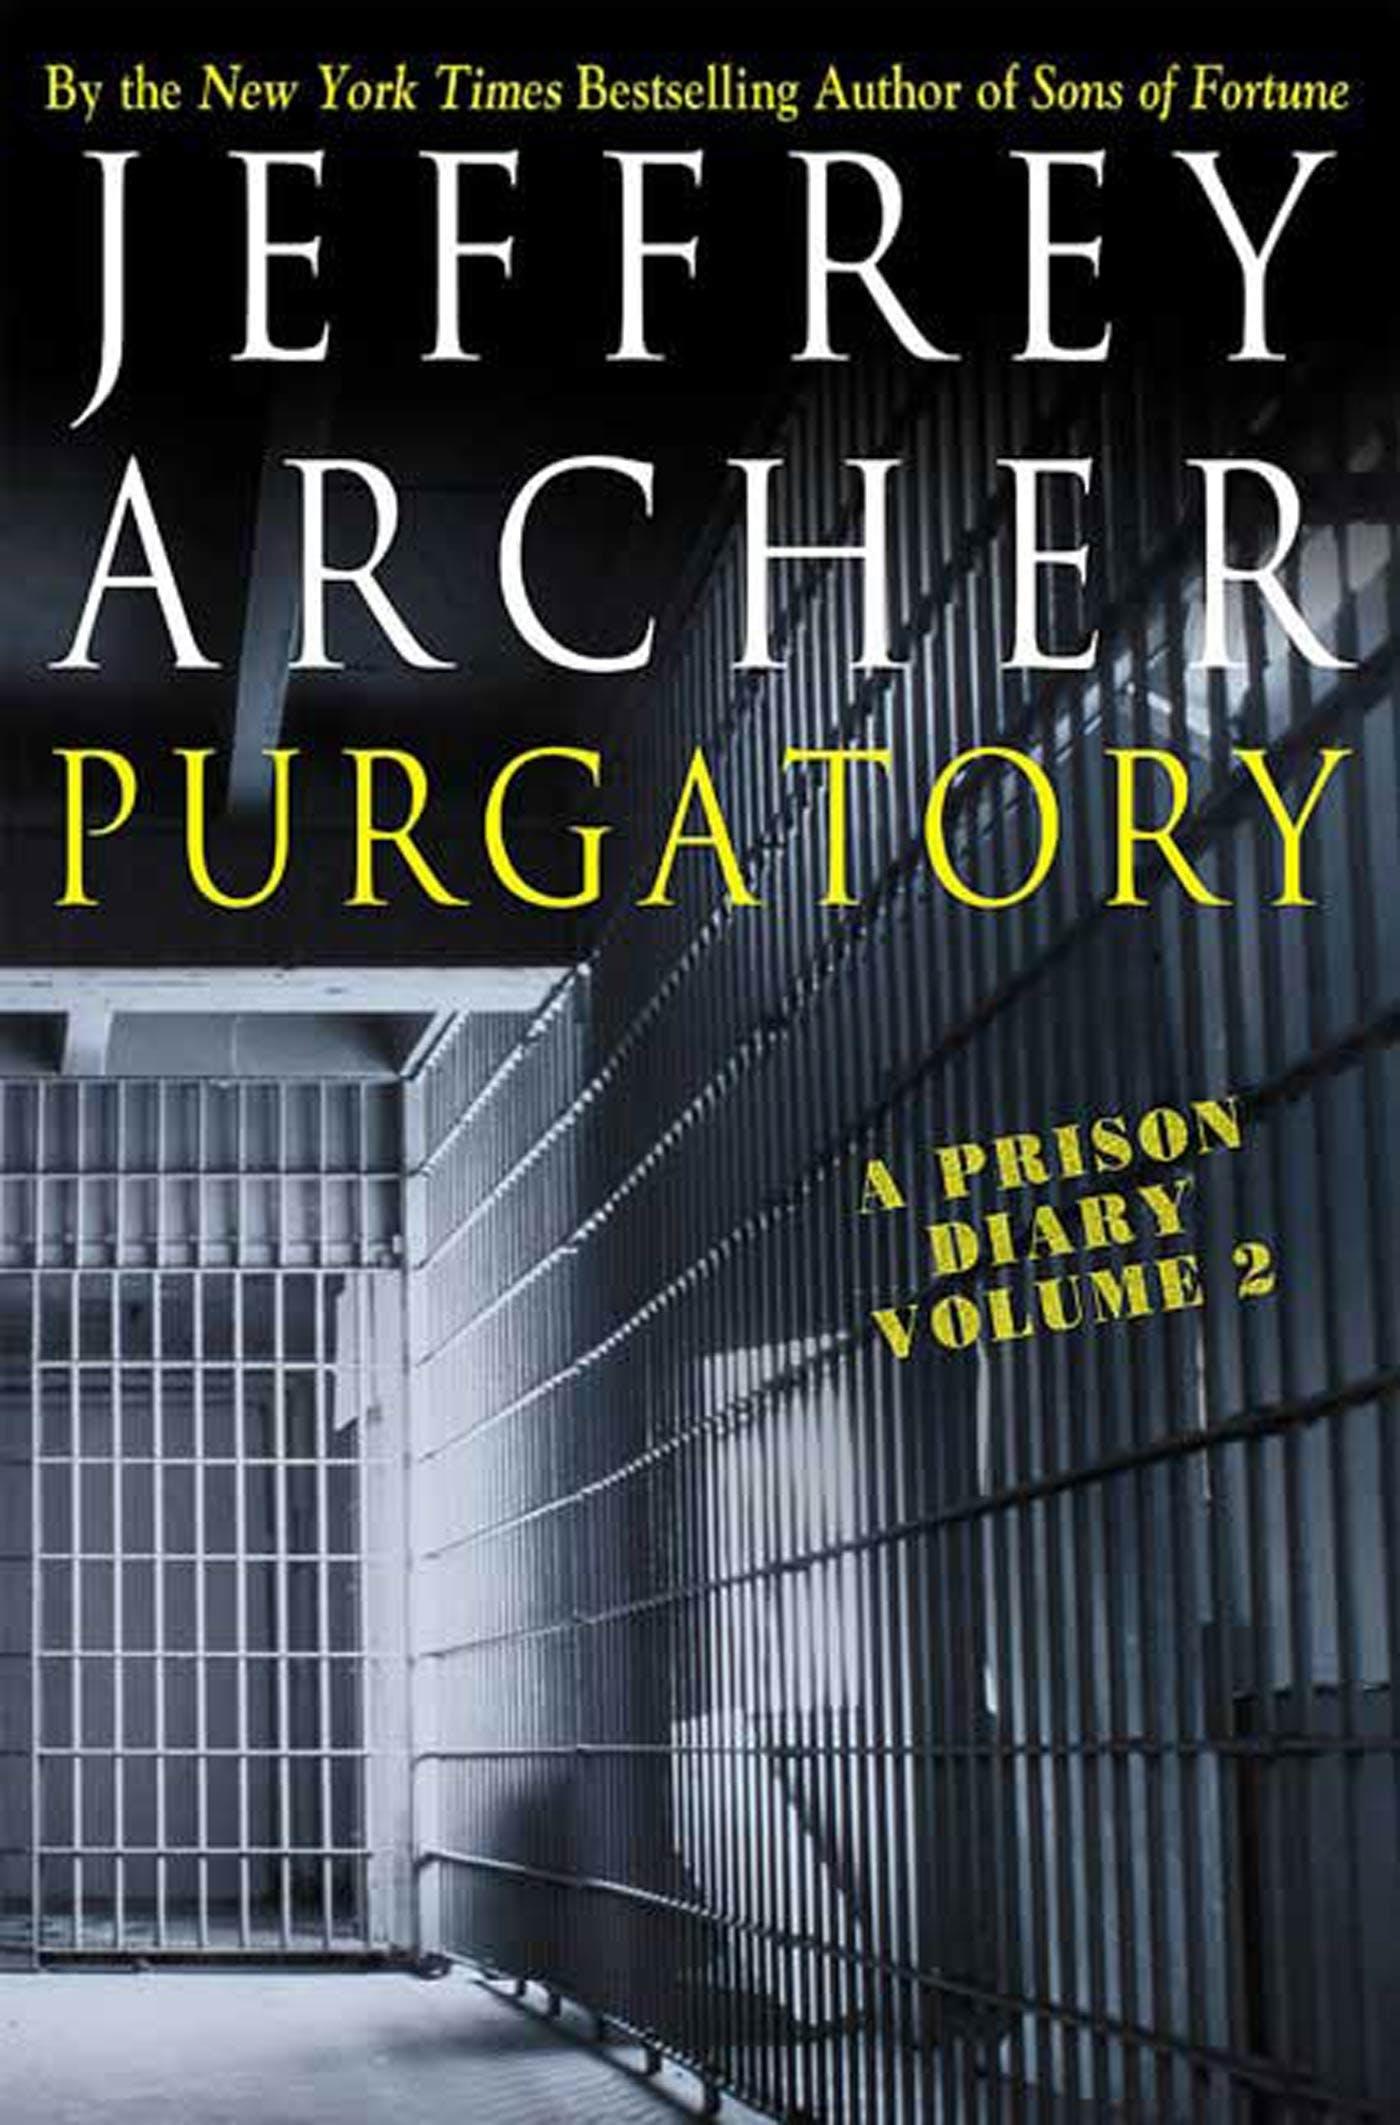 Image of Purgatory